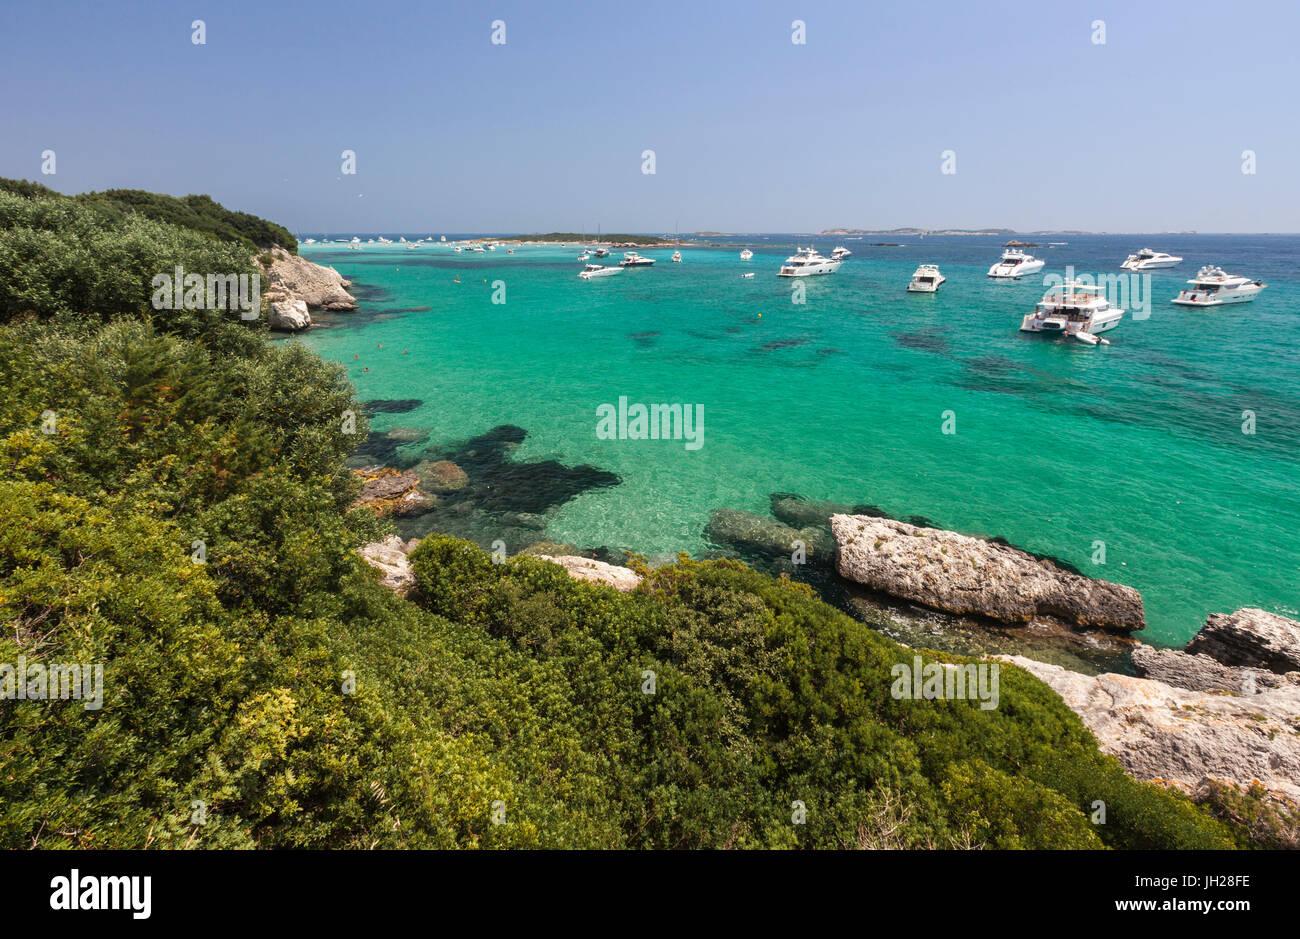 La vegetación verde de los marcos interiores las lanchas amarrados en el Mar de cristal, Sperone, Bonifacio, Córcega del Sur, Francia Foto de stock